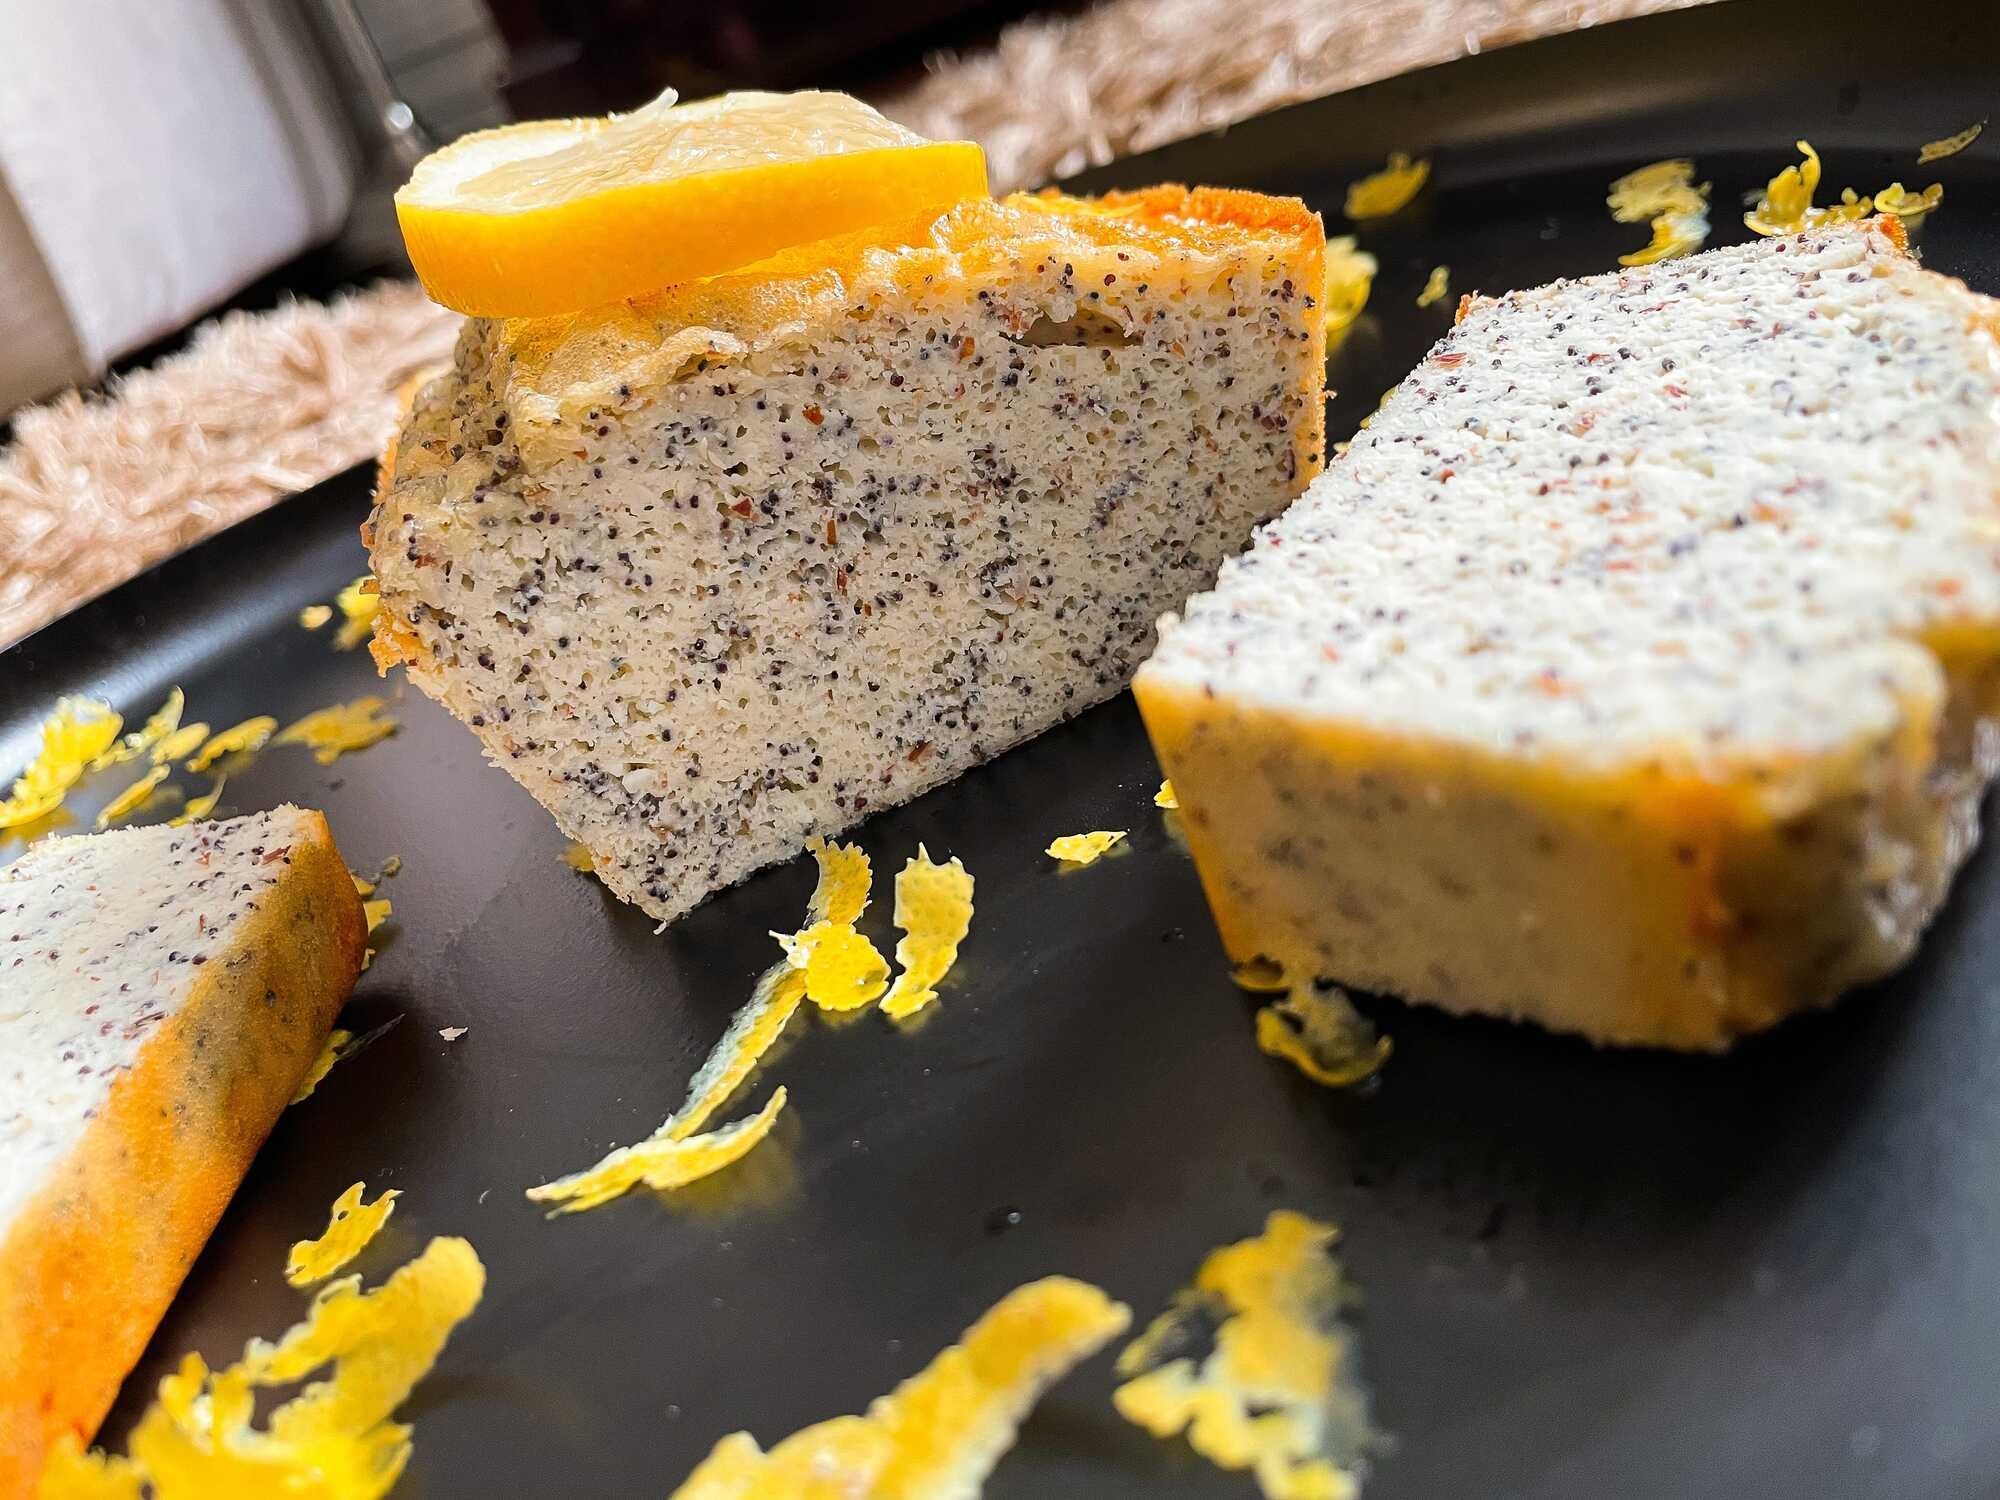 Sur un large plat ovale de couleur noir, trois grosses tranches de cake sont visibles.